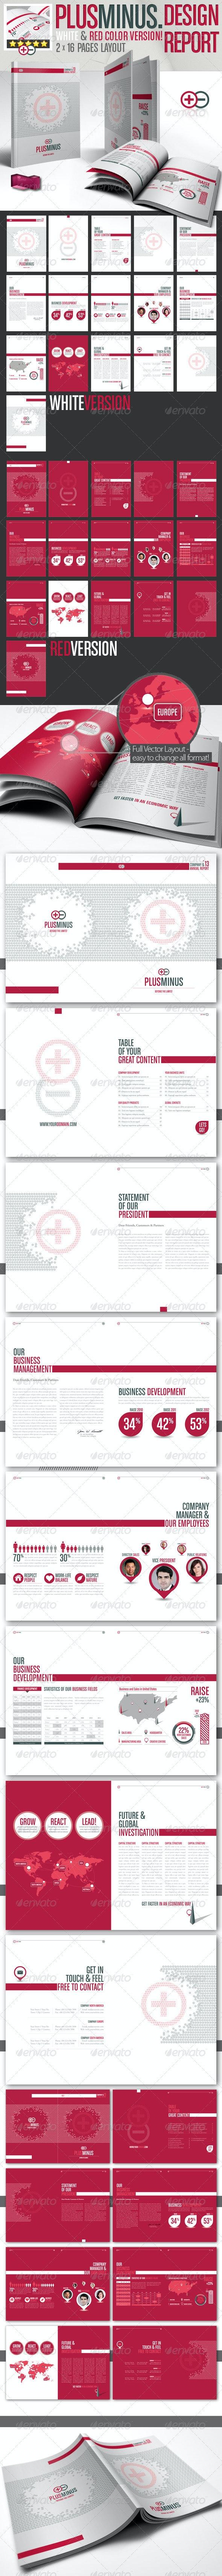 Corporate Brochure PLUSMINUS A4 // 2 Color Version - Corporate Brochures